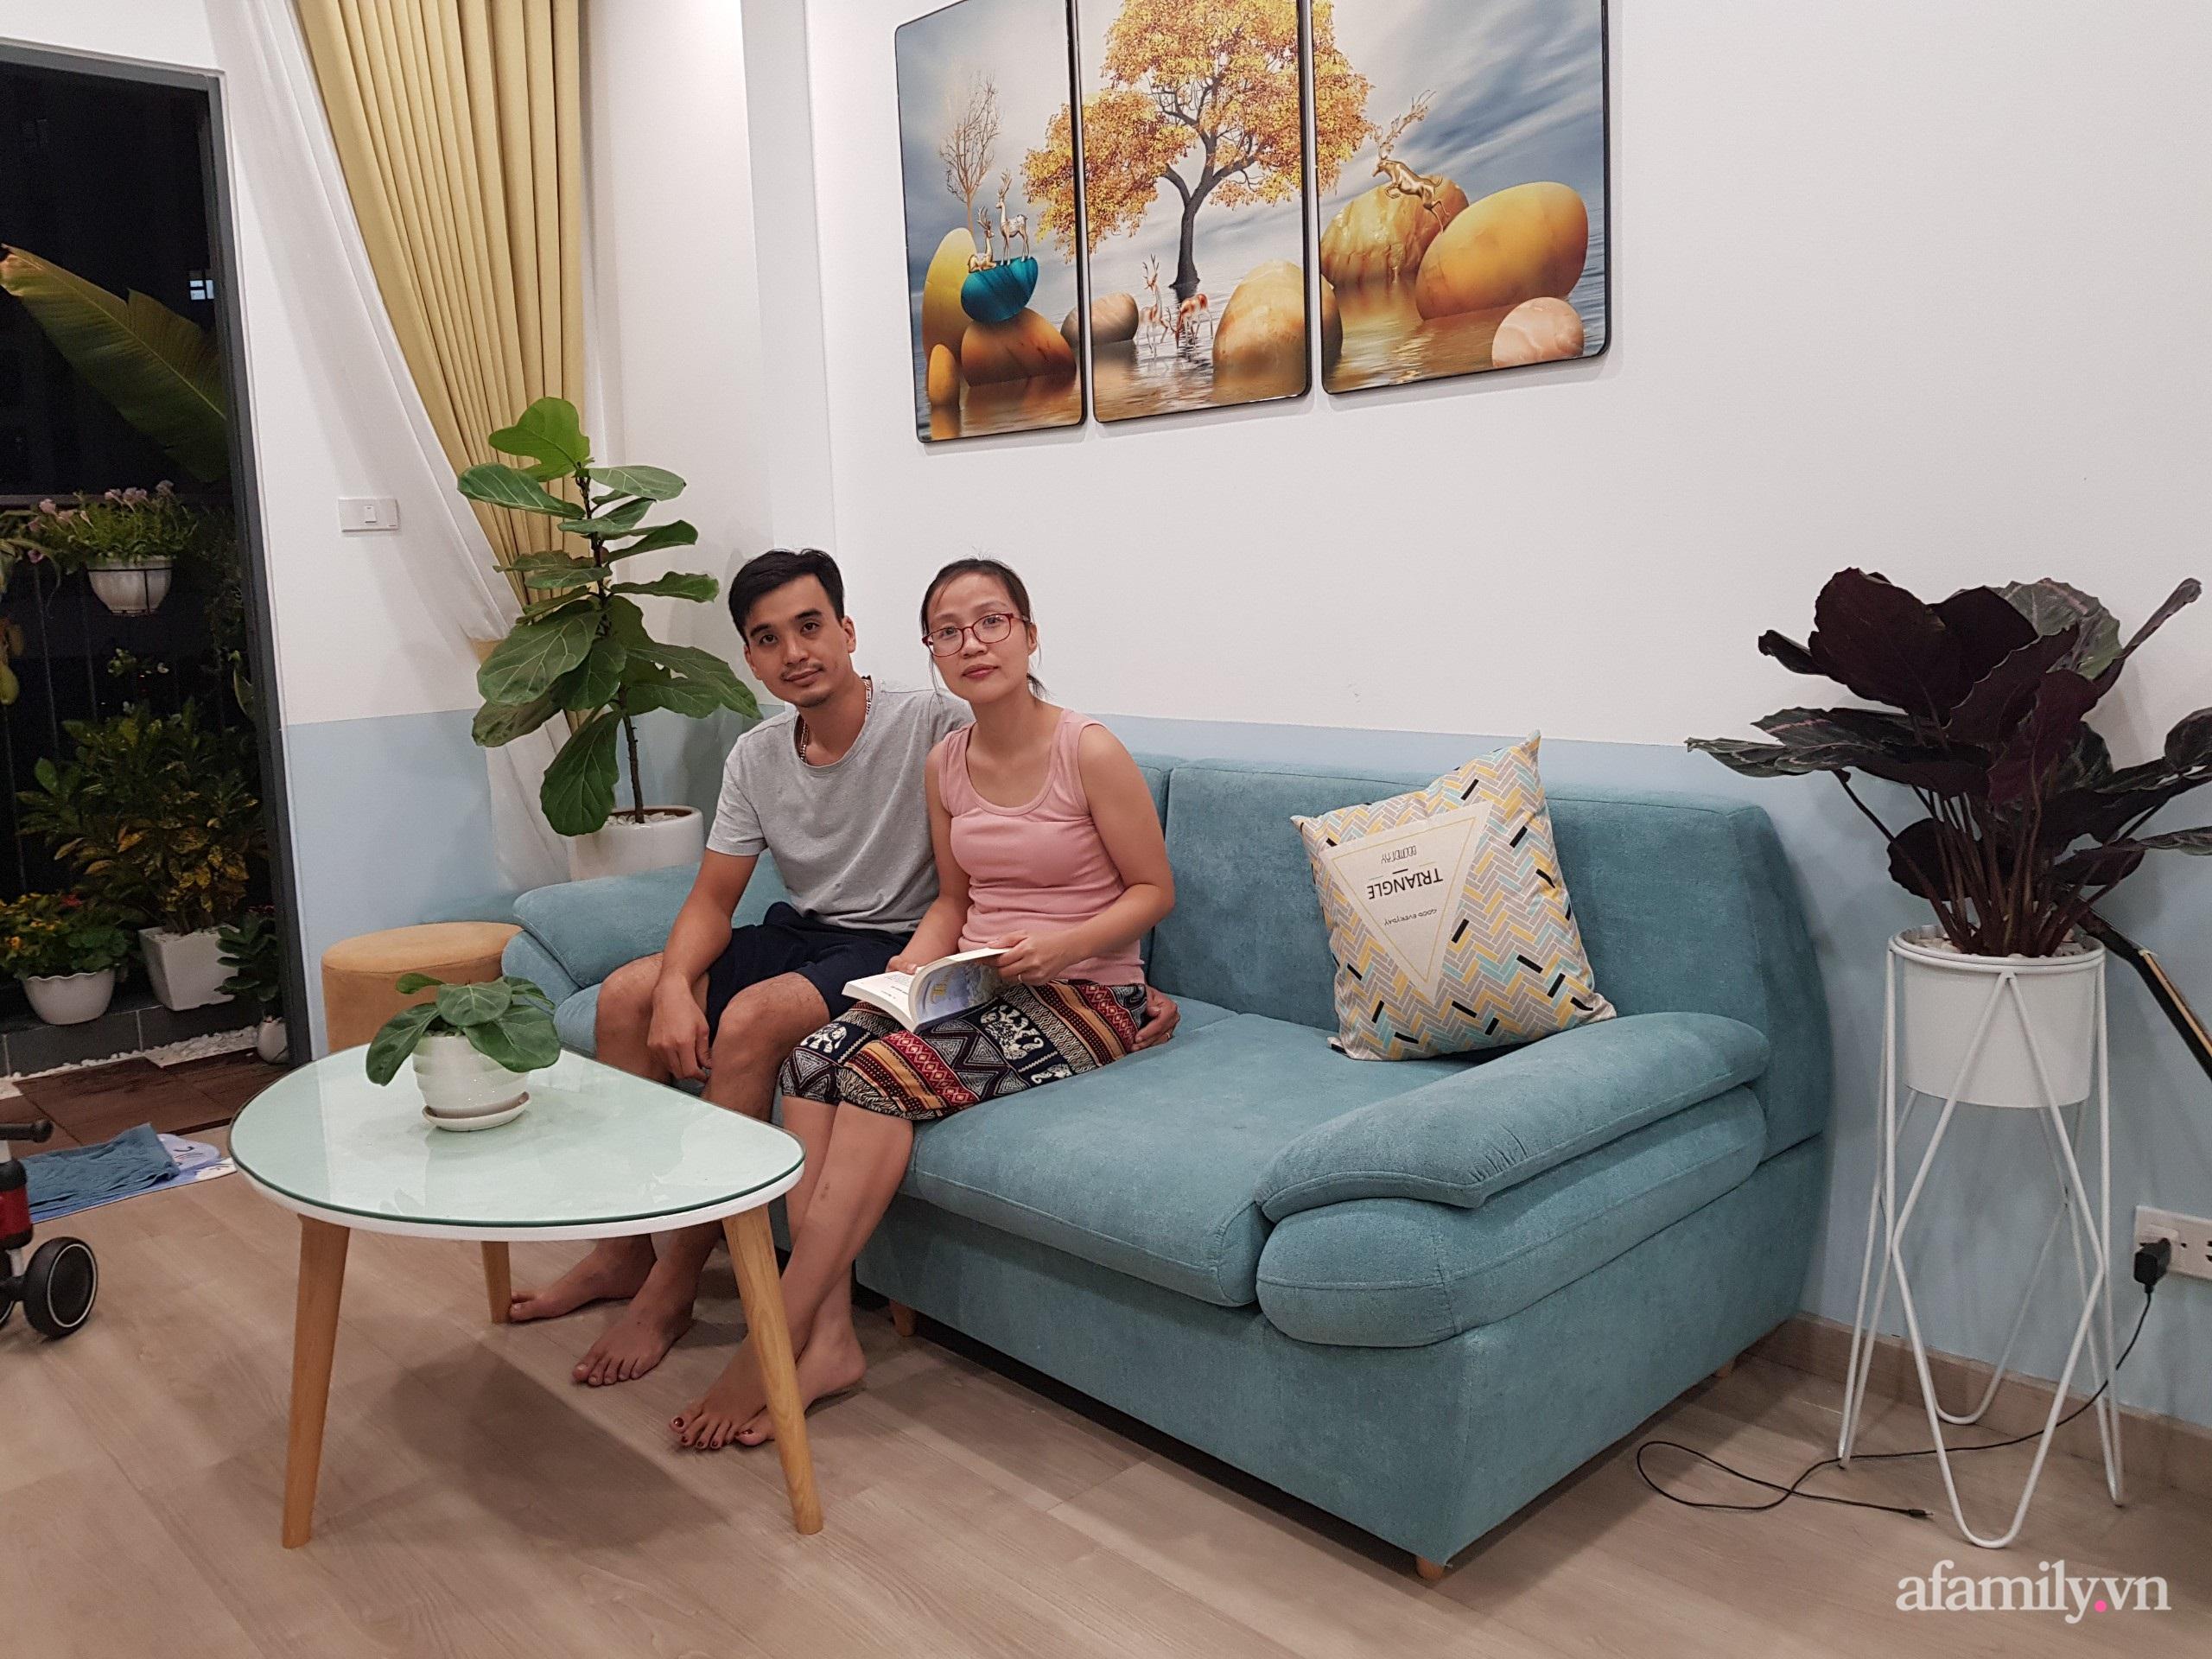 Căn hộ xanh từng góc nhỏ với chi phí hoàn thiện 200 triệu đồng là tâm huyết 9 năm tích góp của vợ chồng trẻ ở Hà Nội - Ảnh 1.